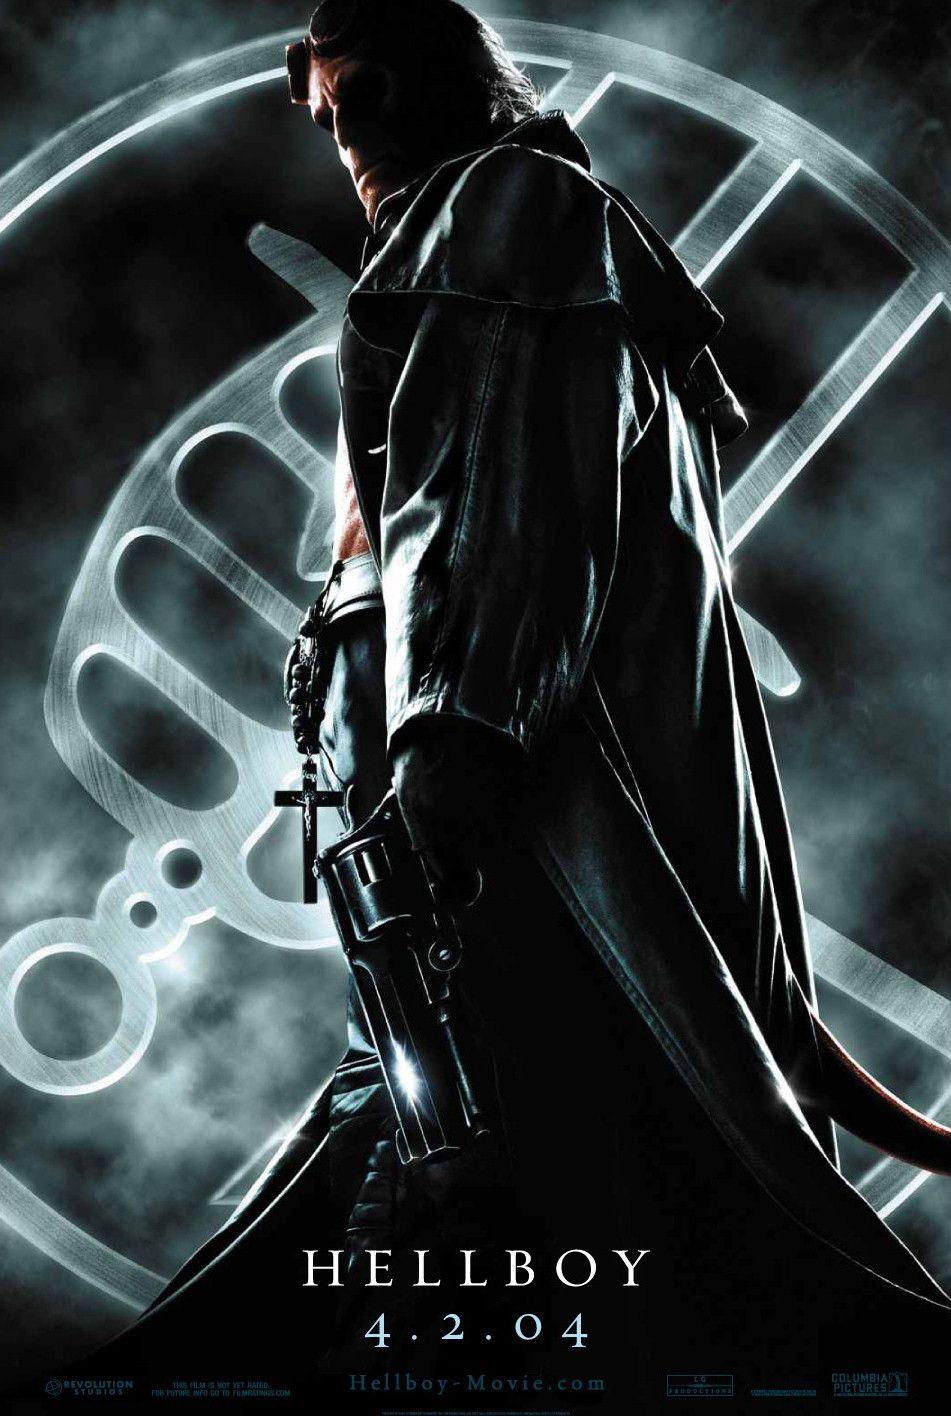 Hellboy 1 (JoBlo)